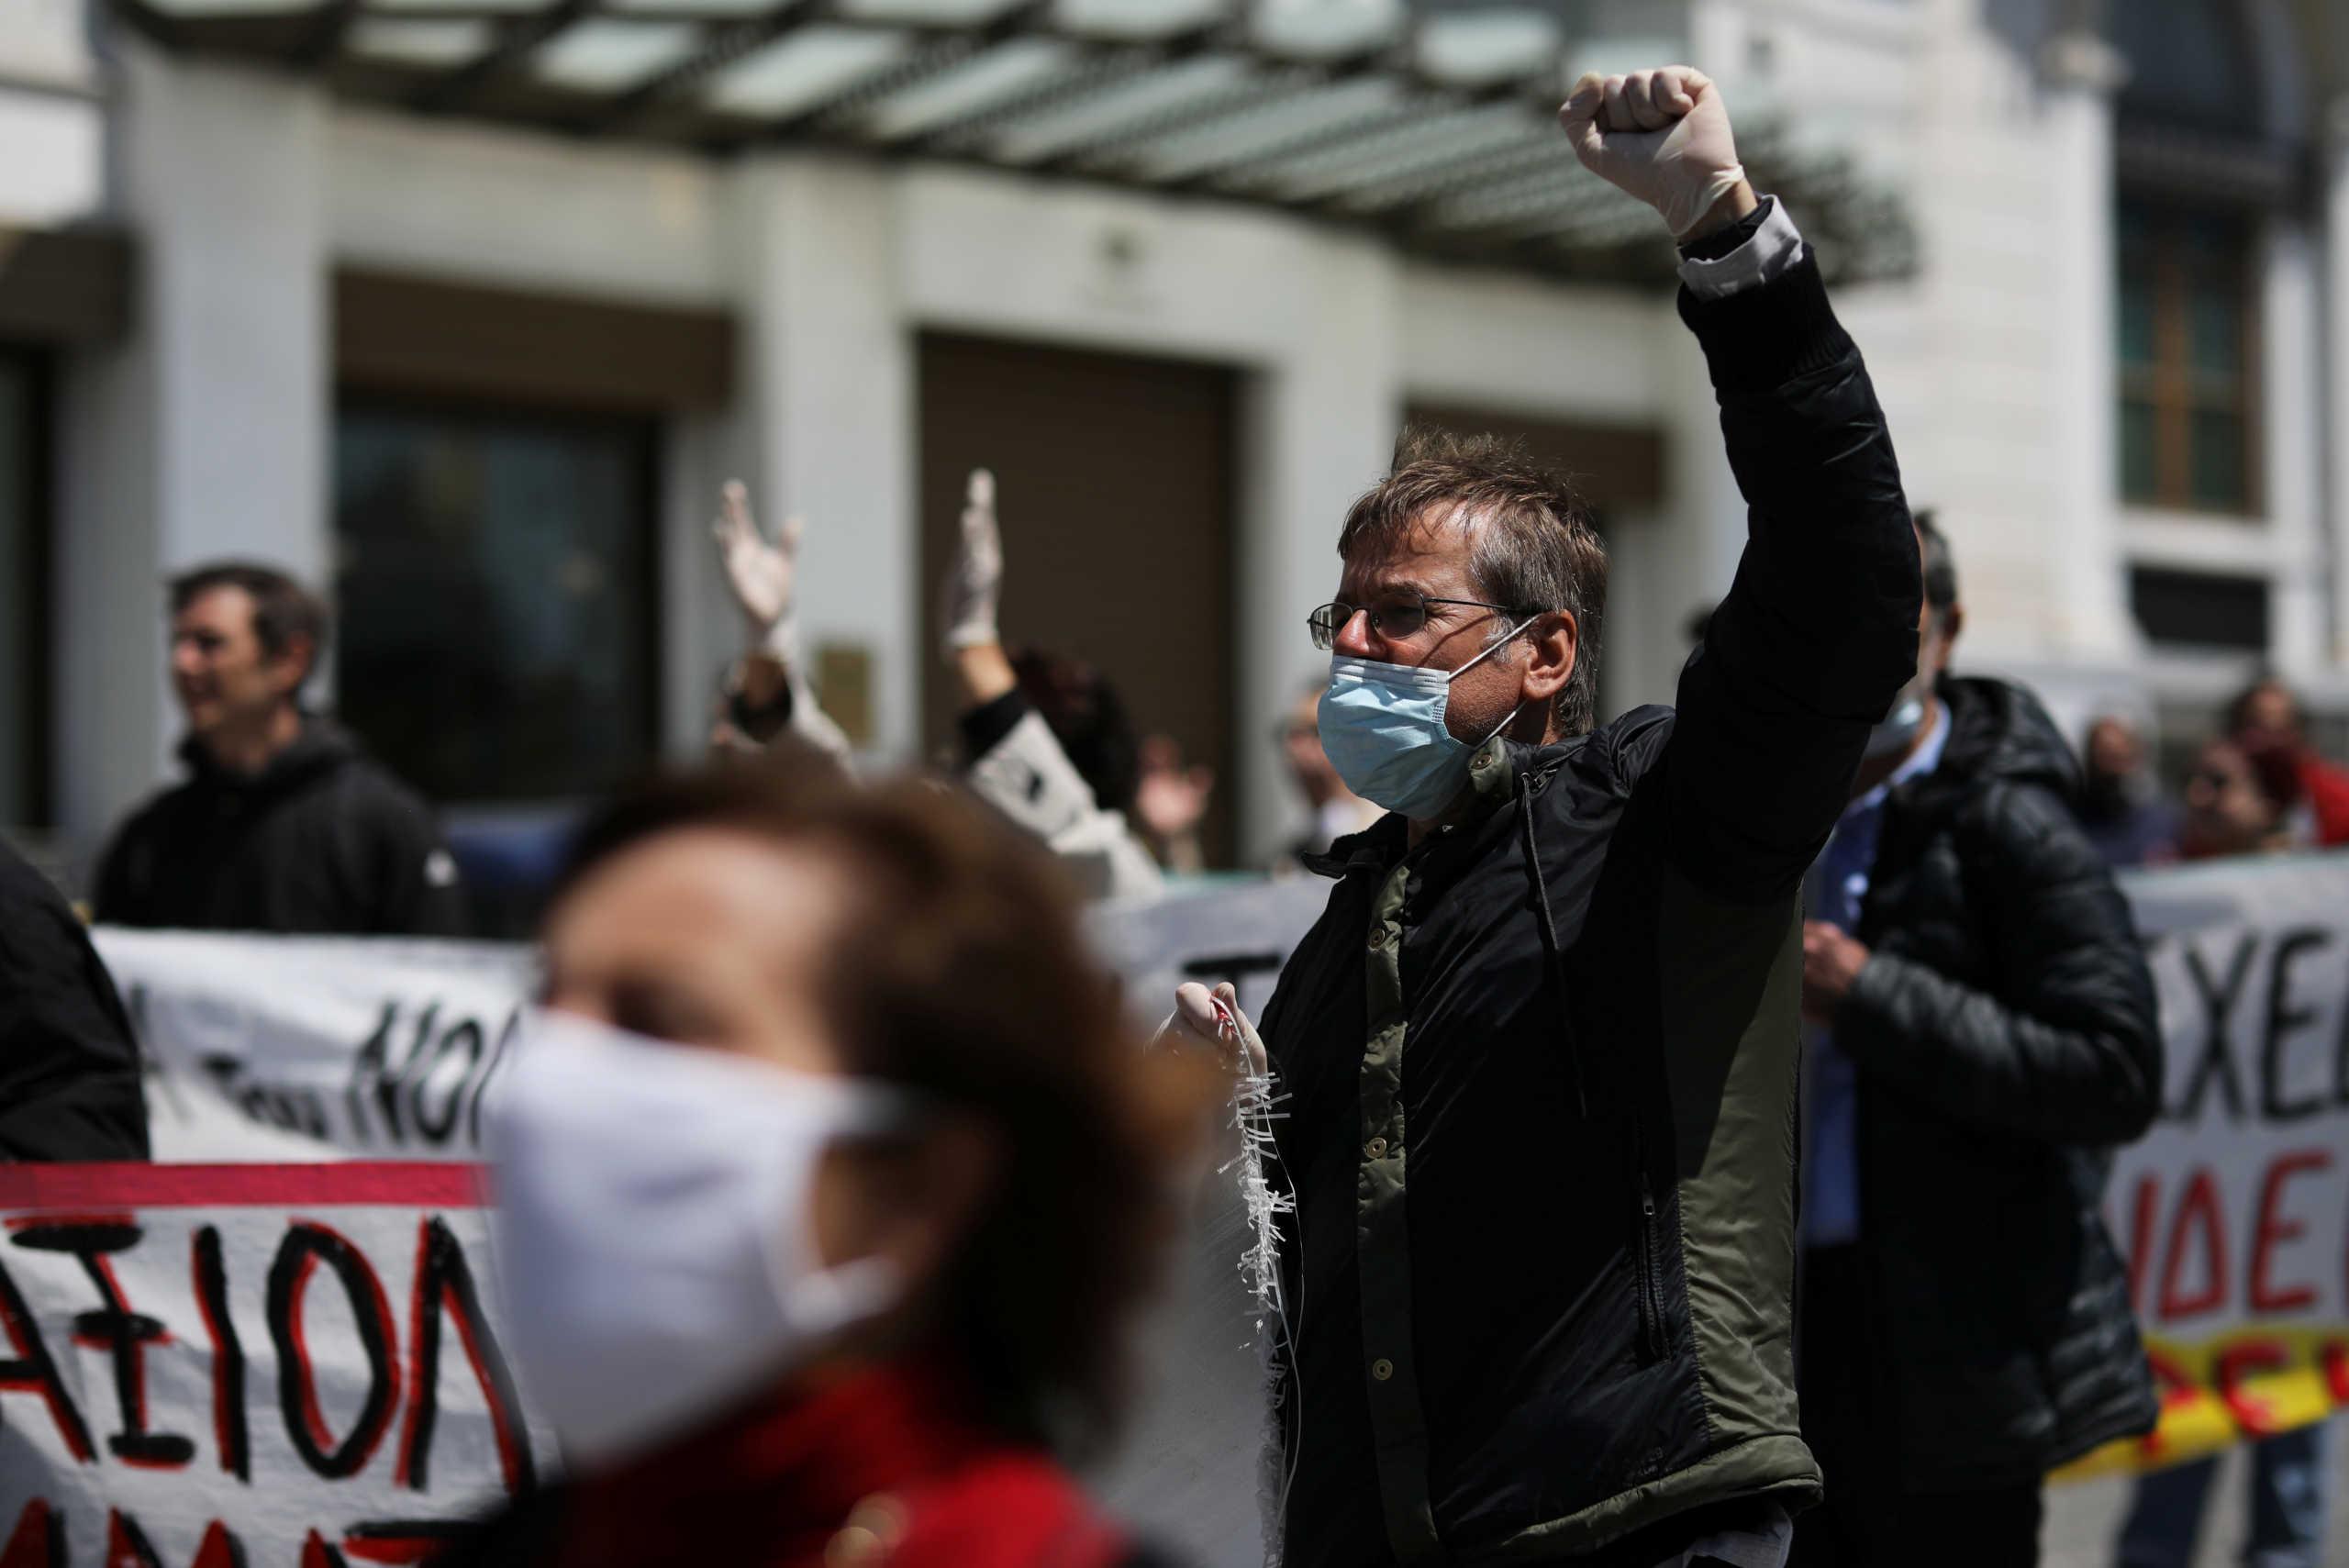 Αλλόκοτη Πρωτομαγιά: Απεργία στον ΗΣΑΠ και στα τρένα – Συγκεντρώσεις με… αποστάσεις